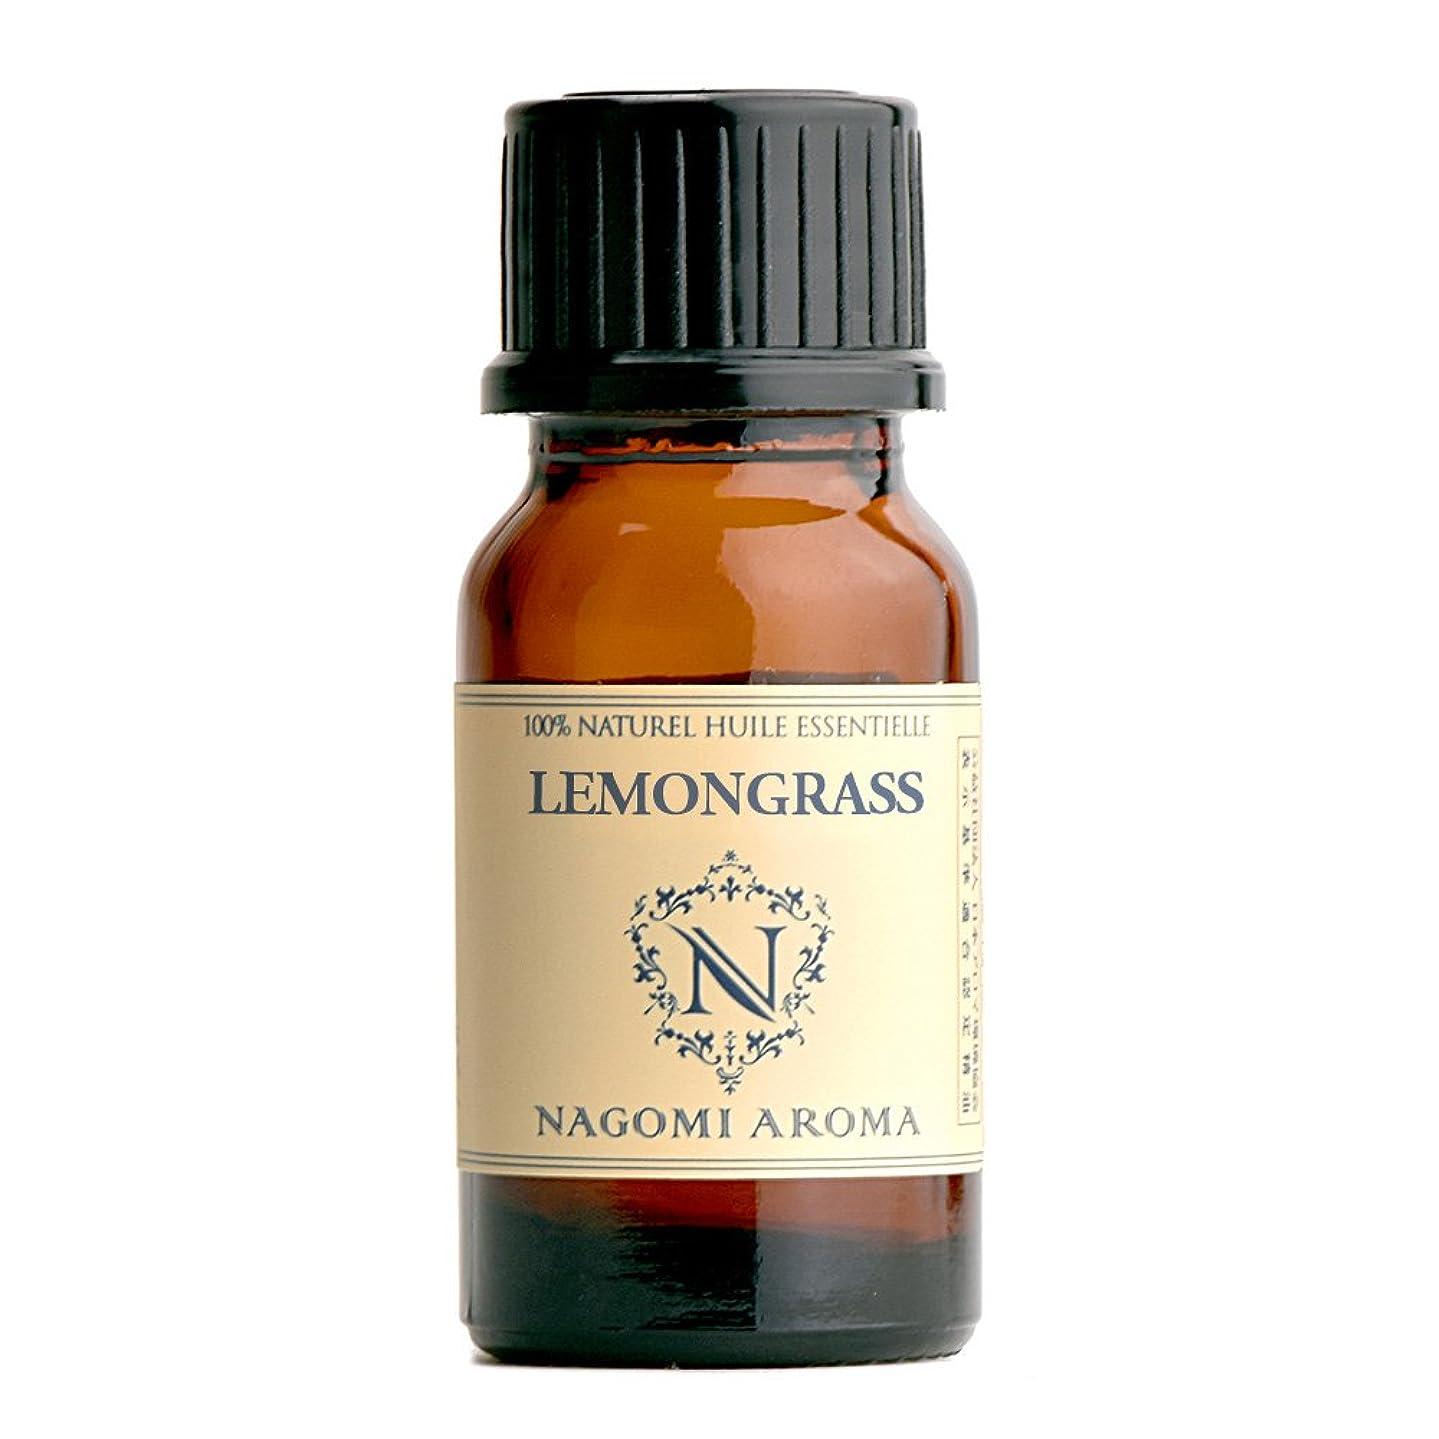 暗い常習者橋脚NAGOMI AROMA レモングラス 10ml 【AEAJ認定精油】【アロマオイル】